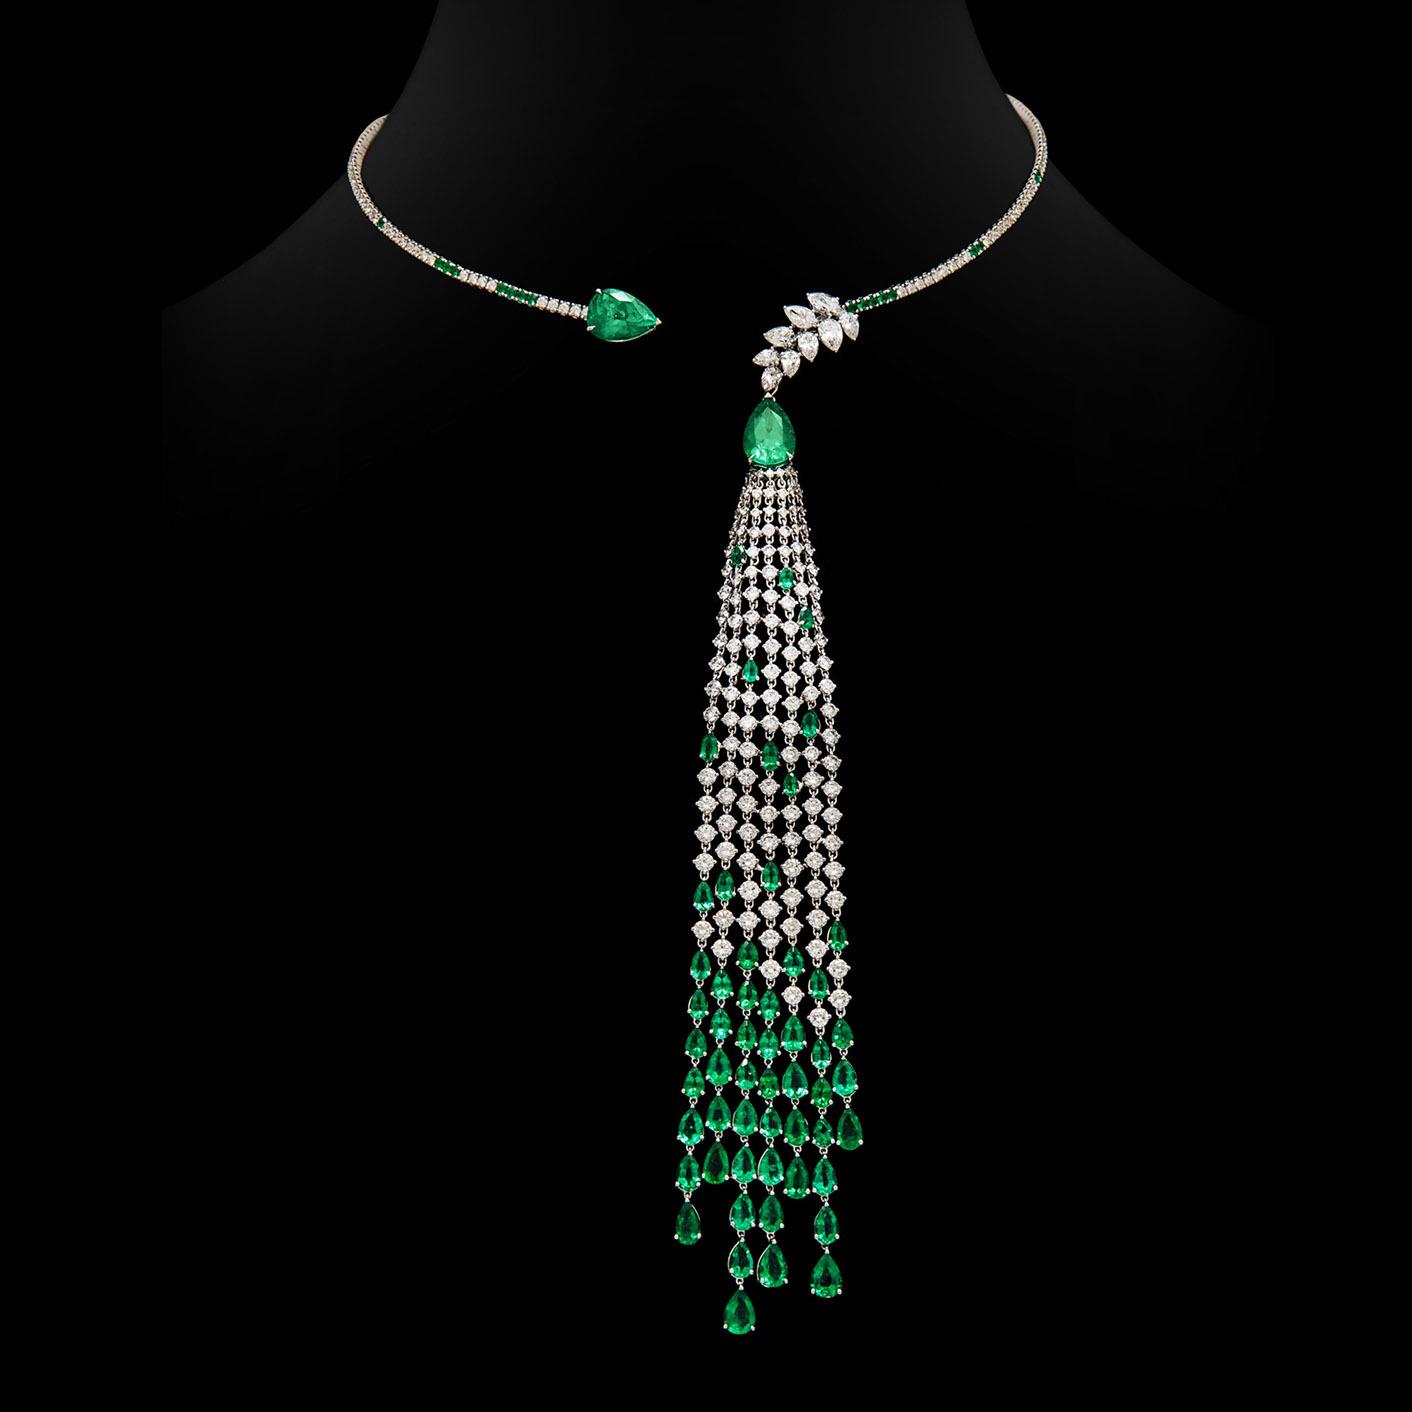 La collana Essenza in oro bianco con diamanti e smeraldi.